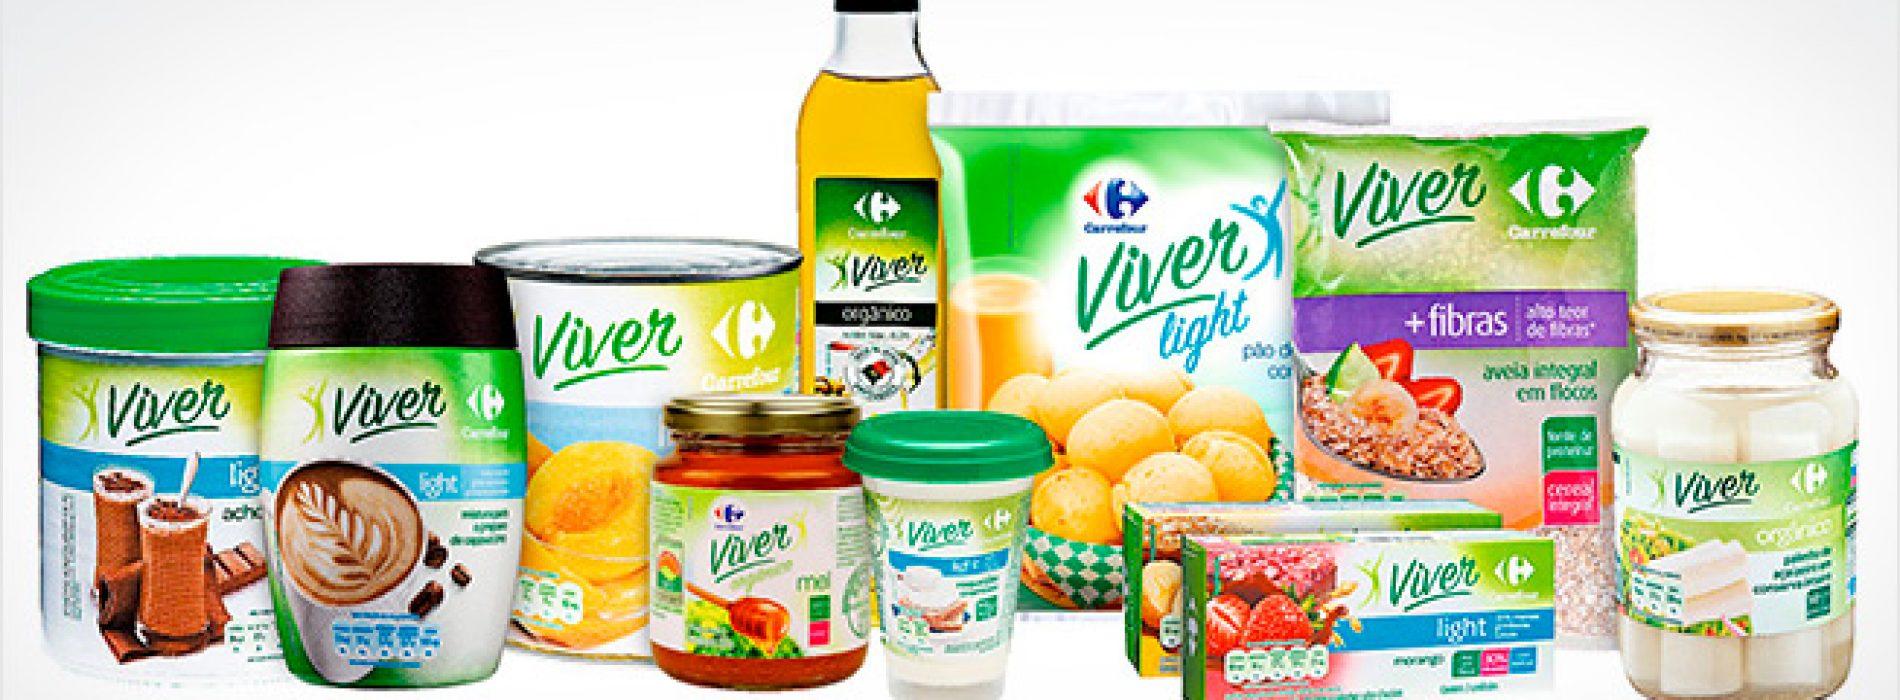 Carrefour Brasil amplia ações para diferenciar hipermercados dos concorrentes